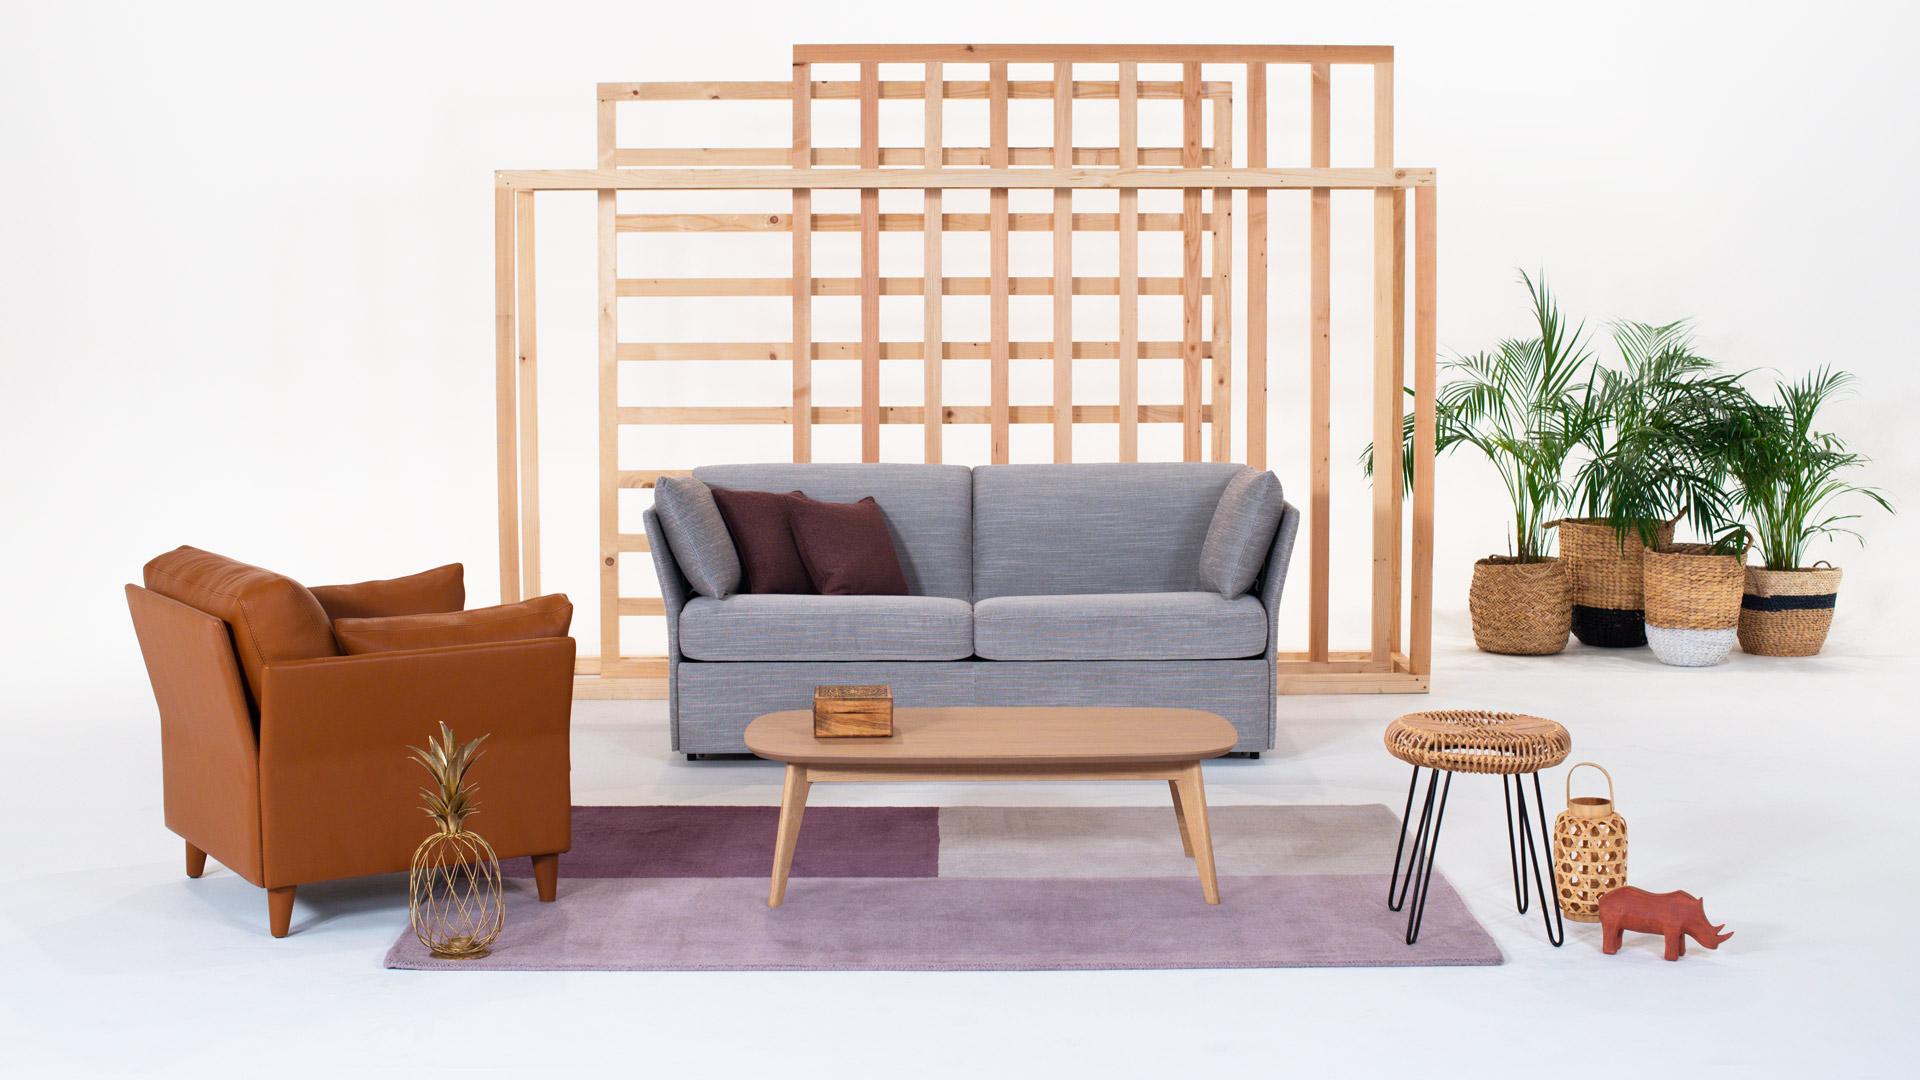 Canapé gris et fauteuil cuivre. Amènagement proposé par Neology.